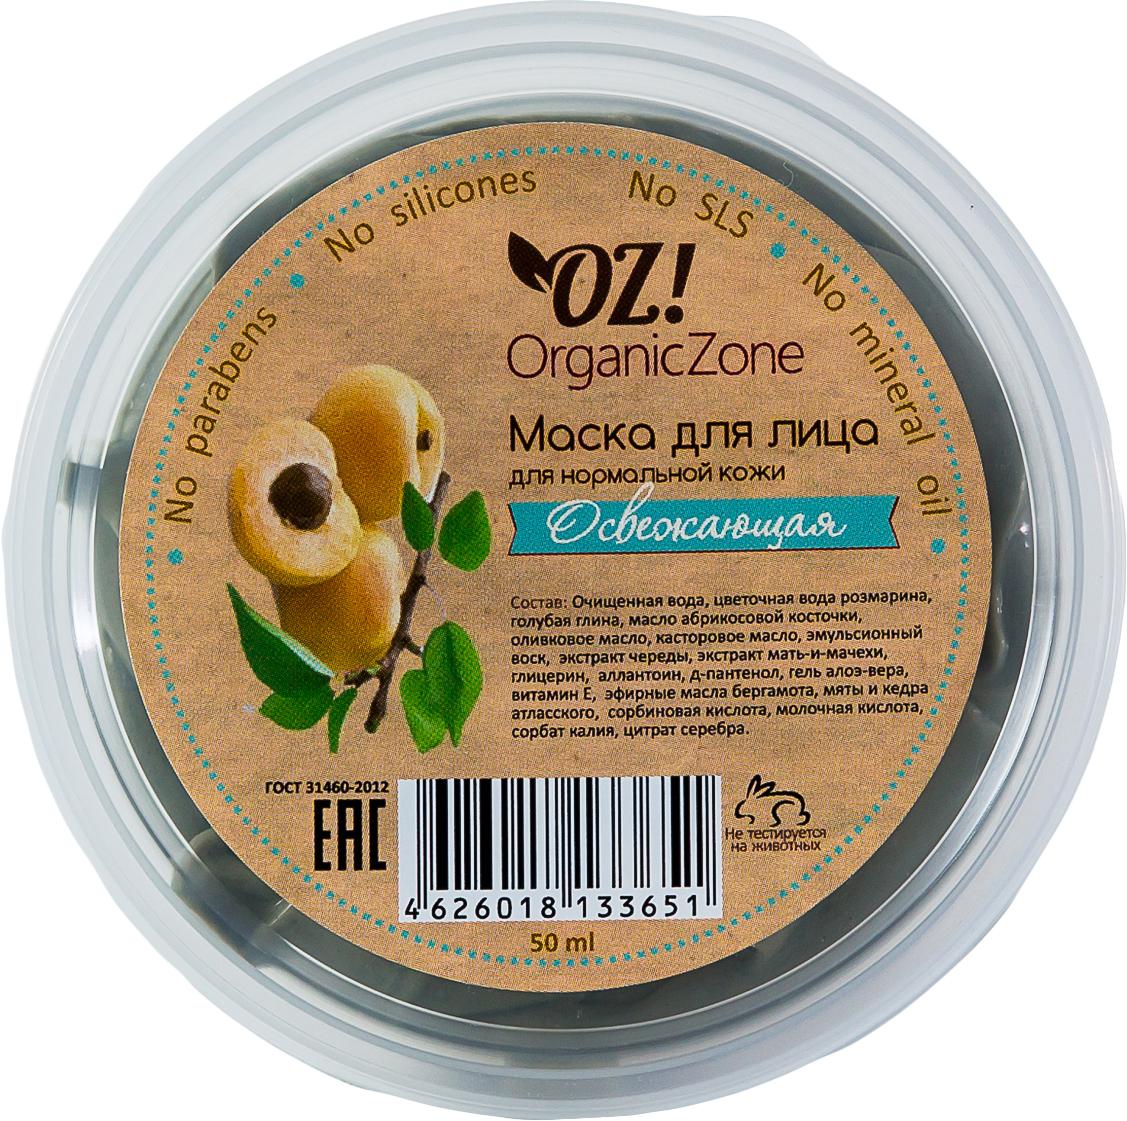 """OrganicZone Маска для лица """"Освежающая"""", 50 мл"""